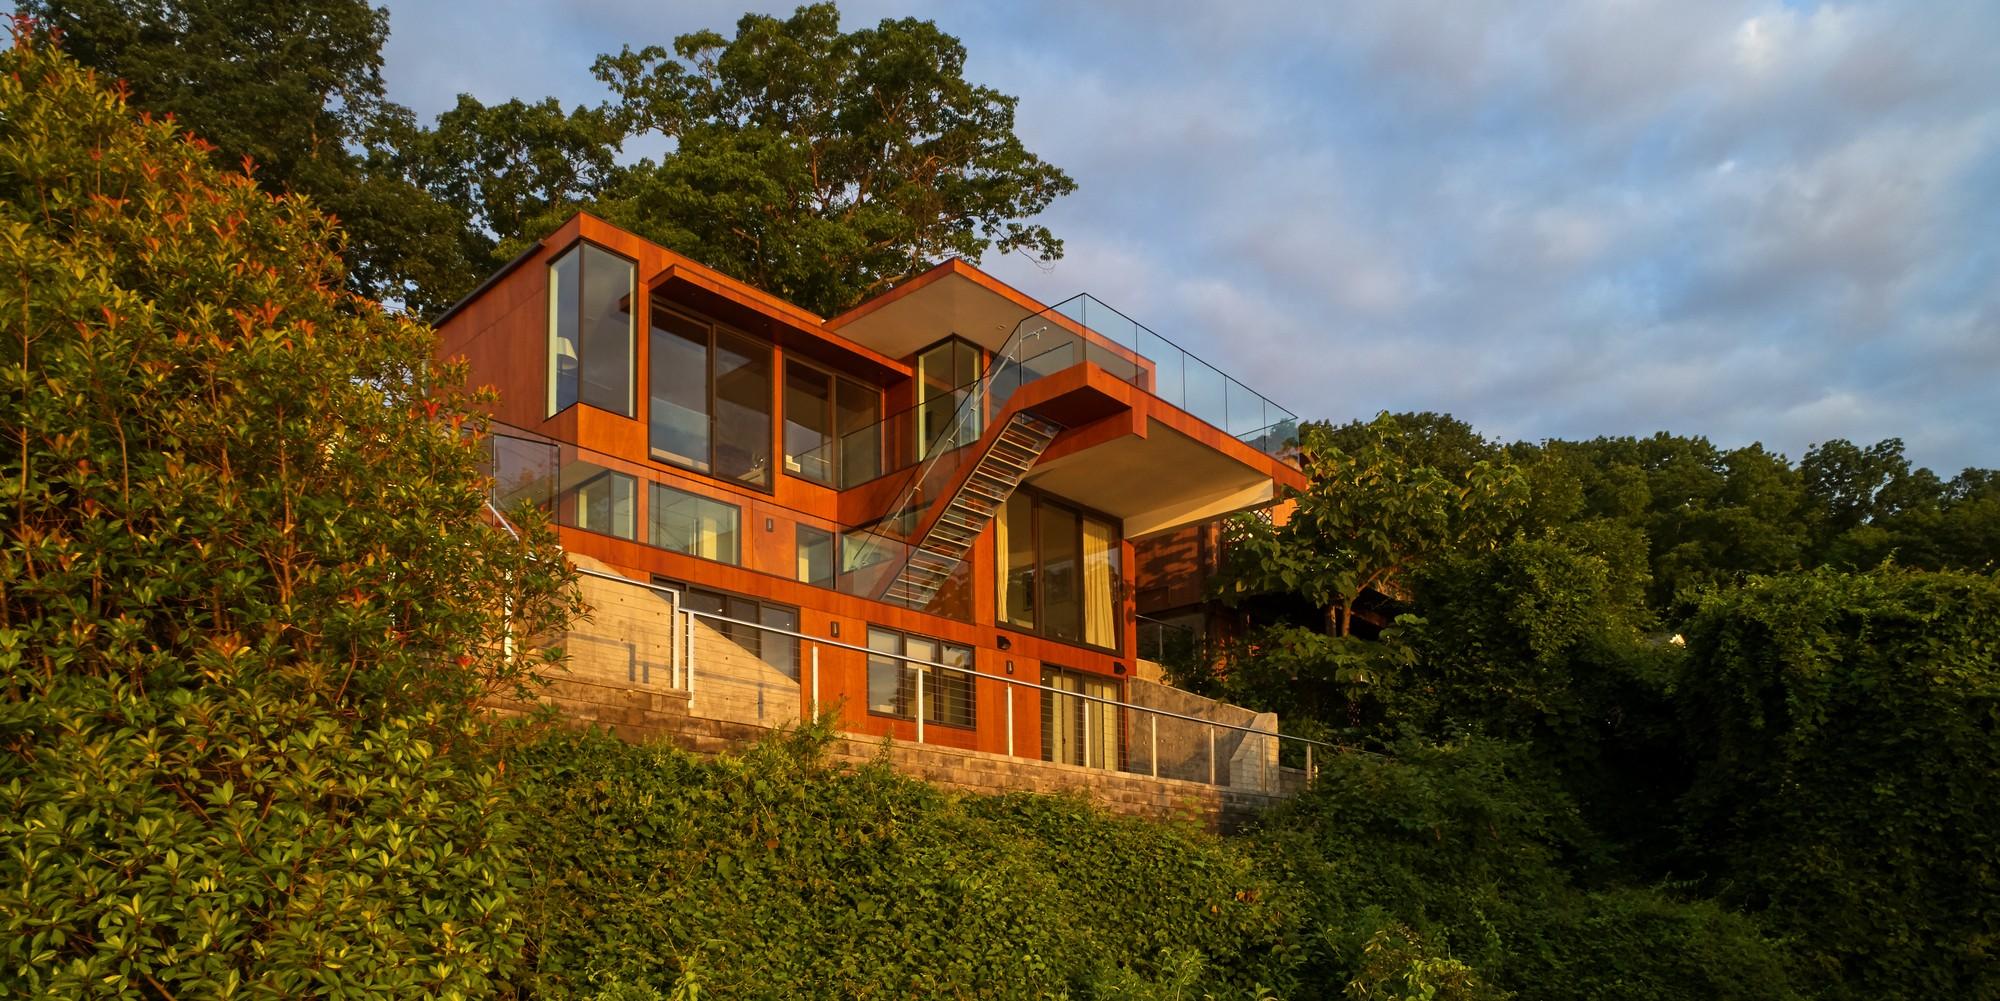 Современный стильный дом на сложном крутом склоне